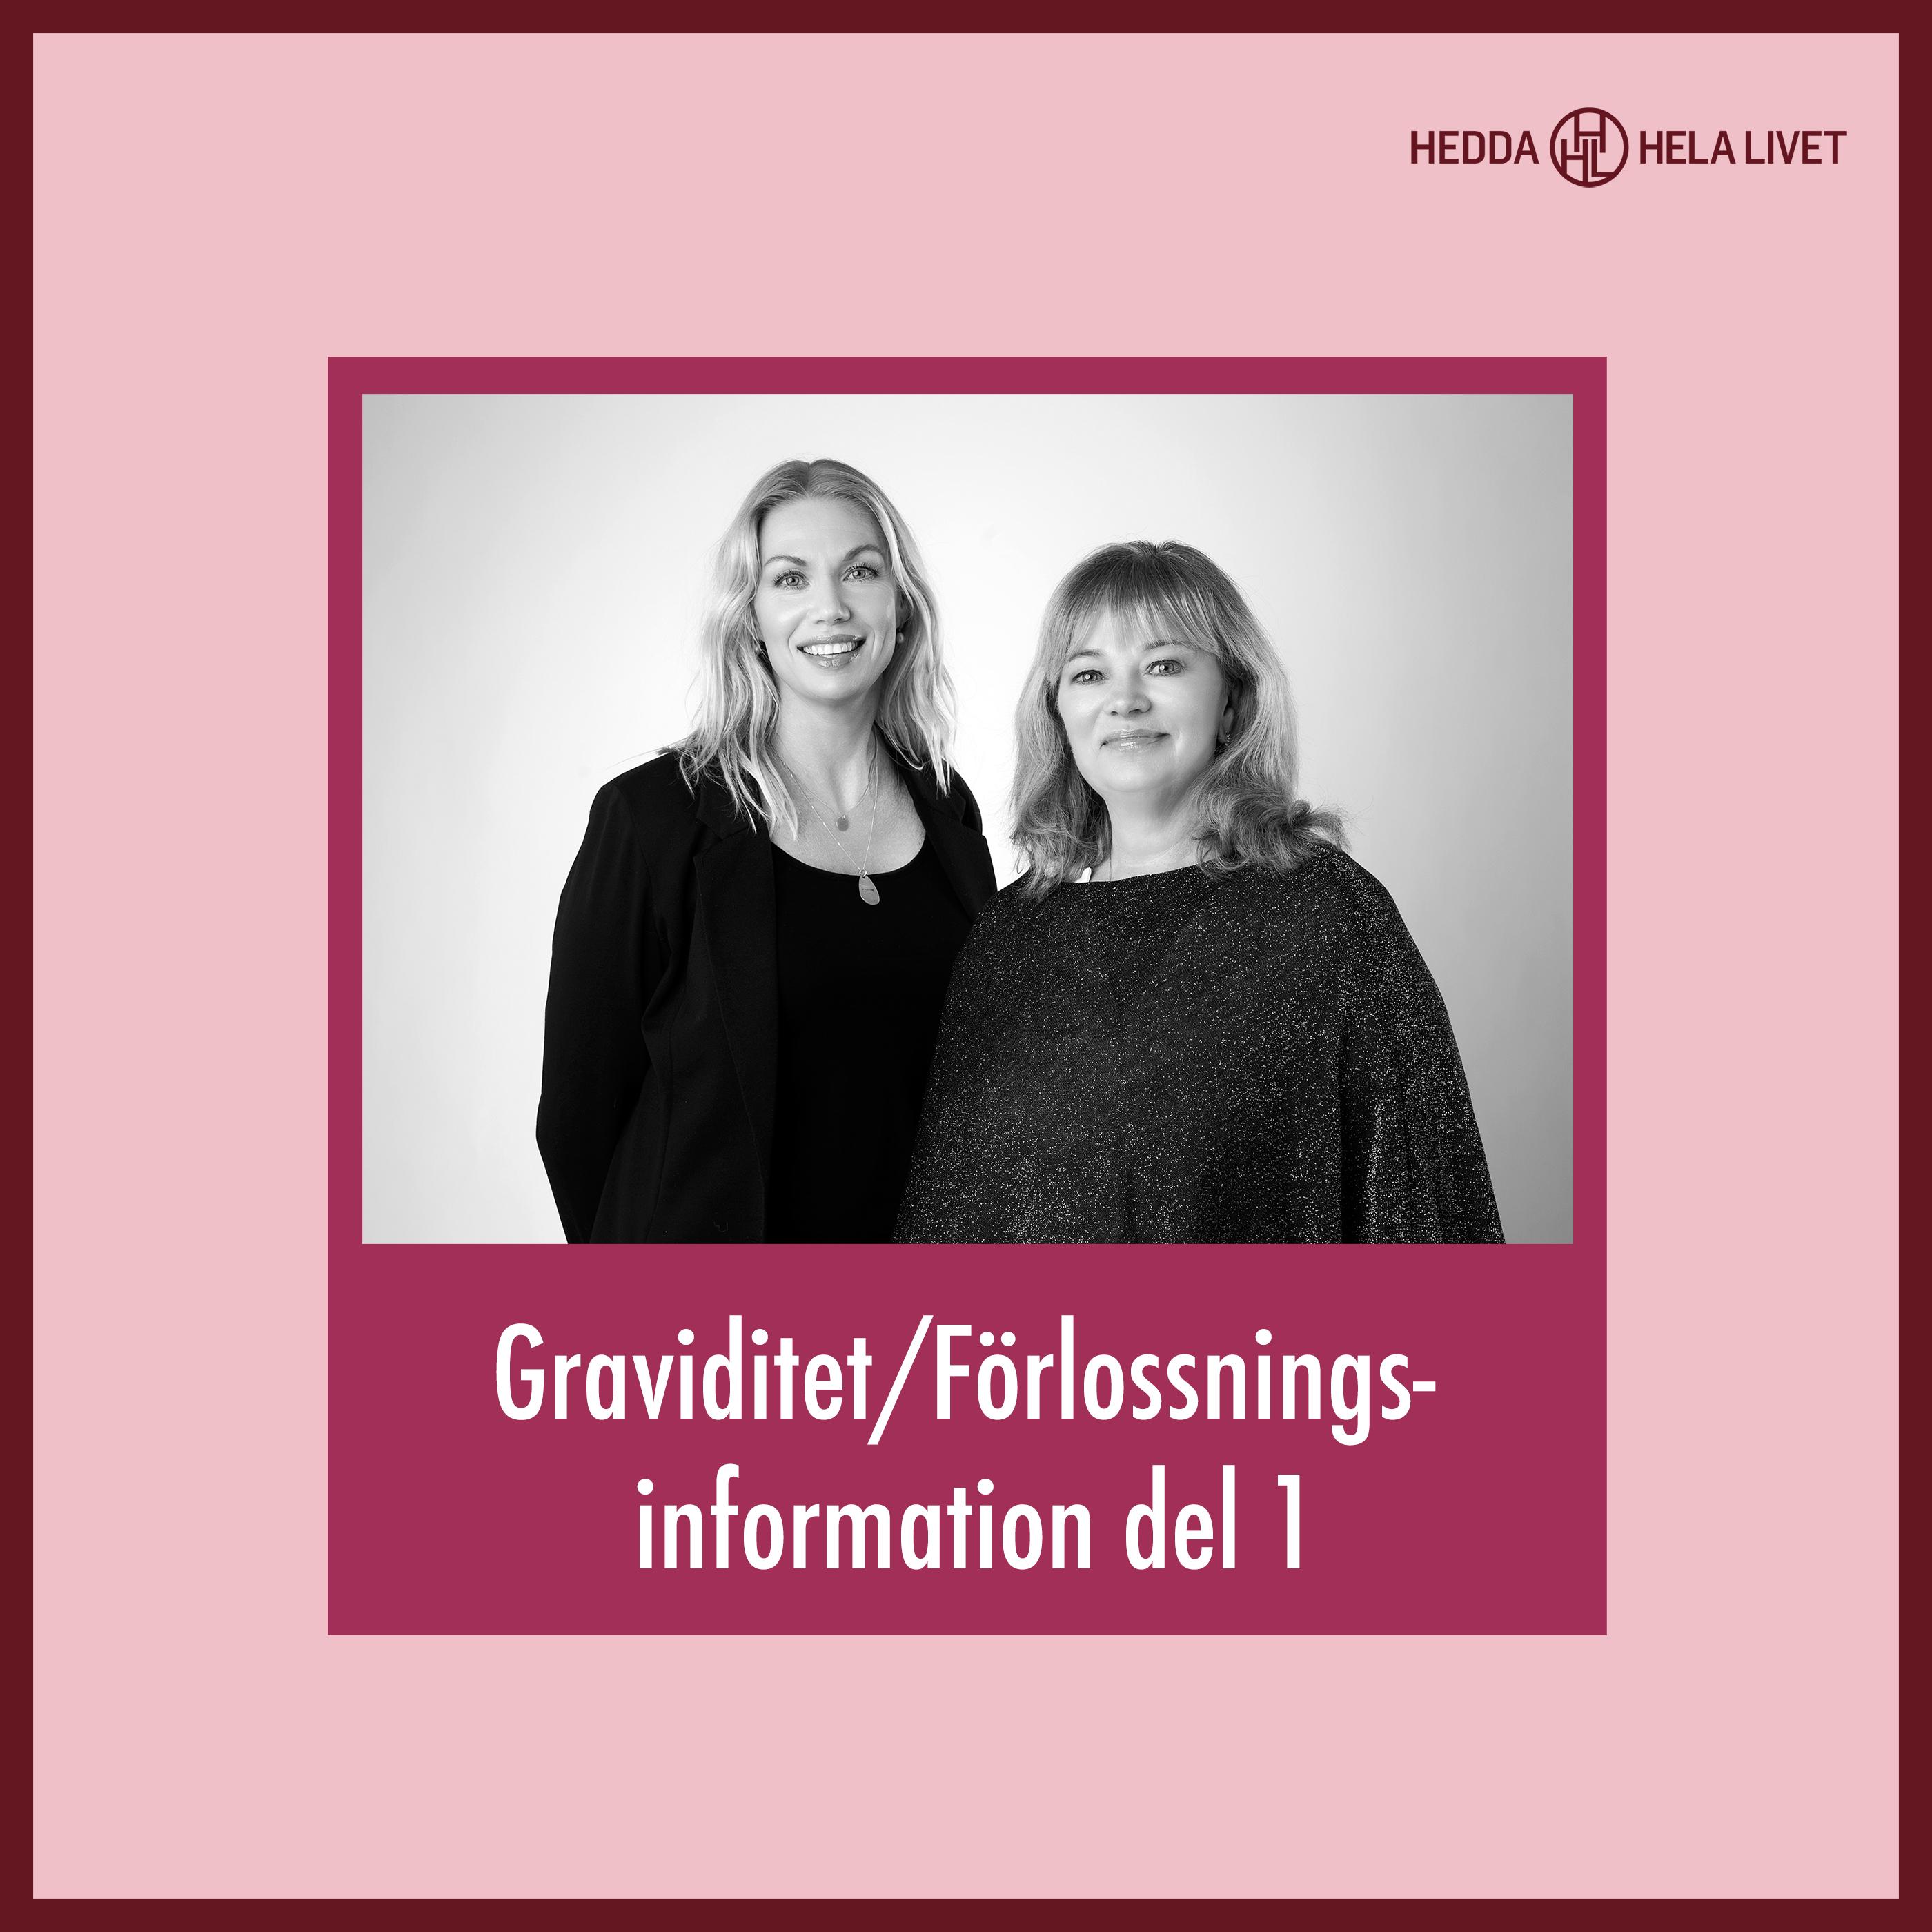 1. Graviditet/Förlossnings information del 1